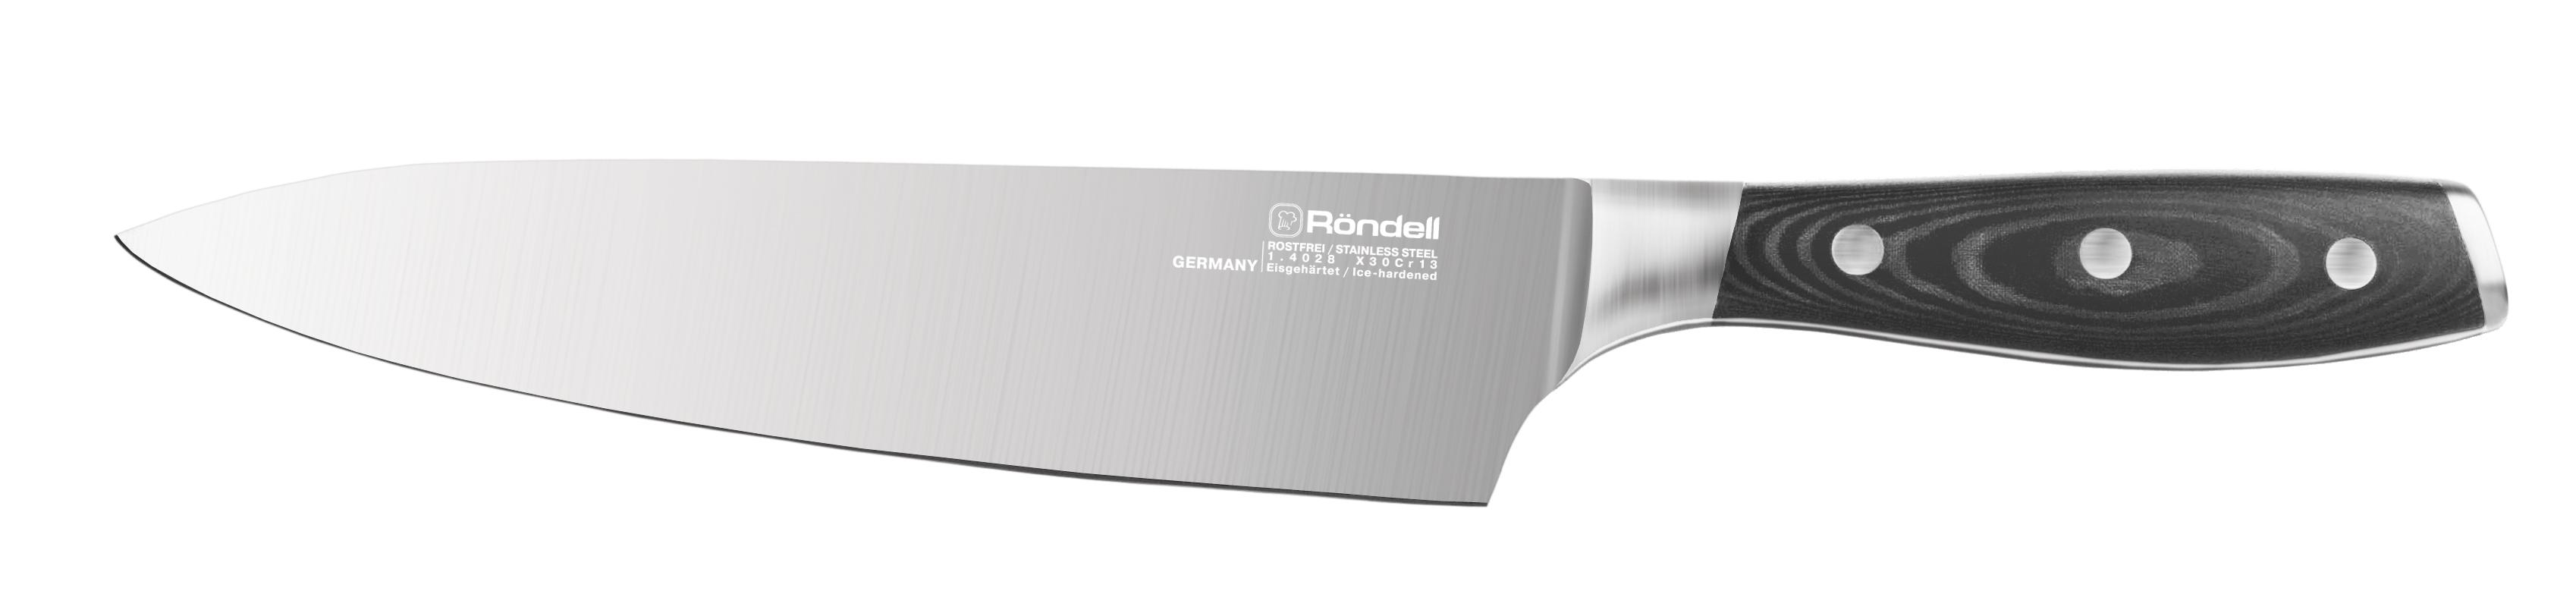 Нож поварской RondellНожи, мусаты, ножеточки<br>Тип: нож,<br>Назначение: поварской,<br>Материал: молибден-ванадиевая сталь,<br>Длина (мм): 200<br>